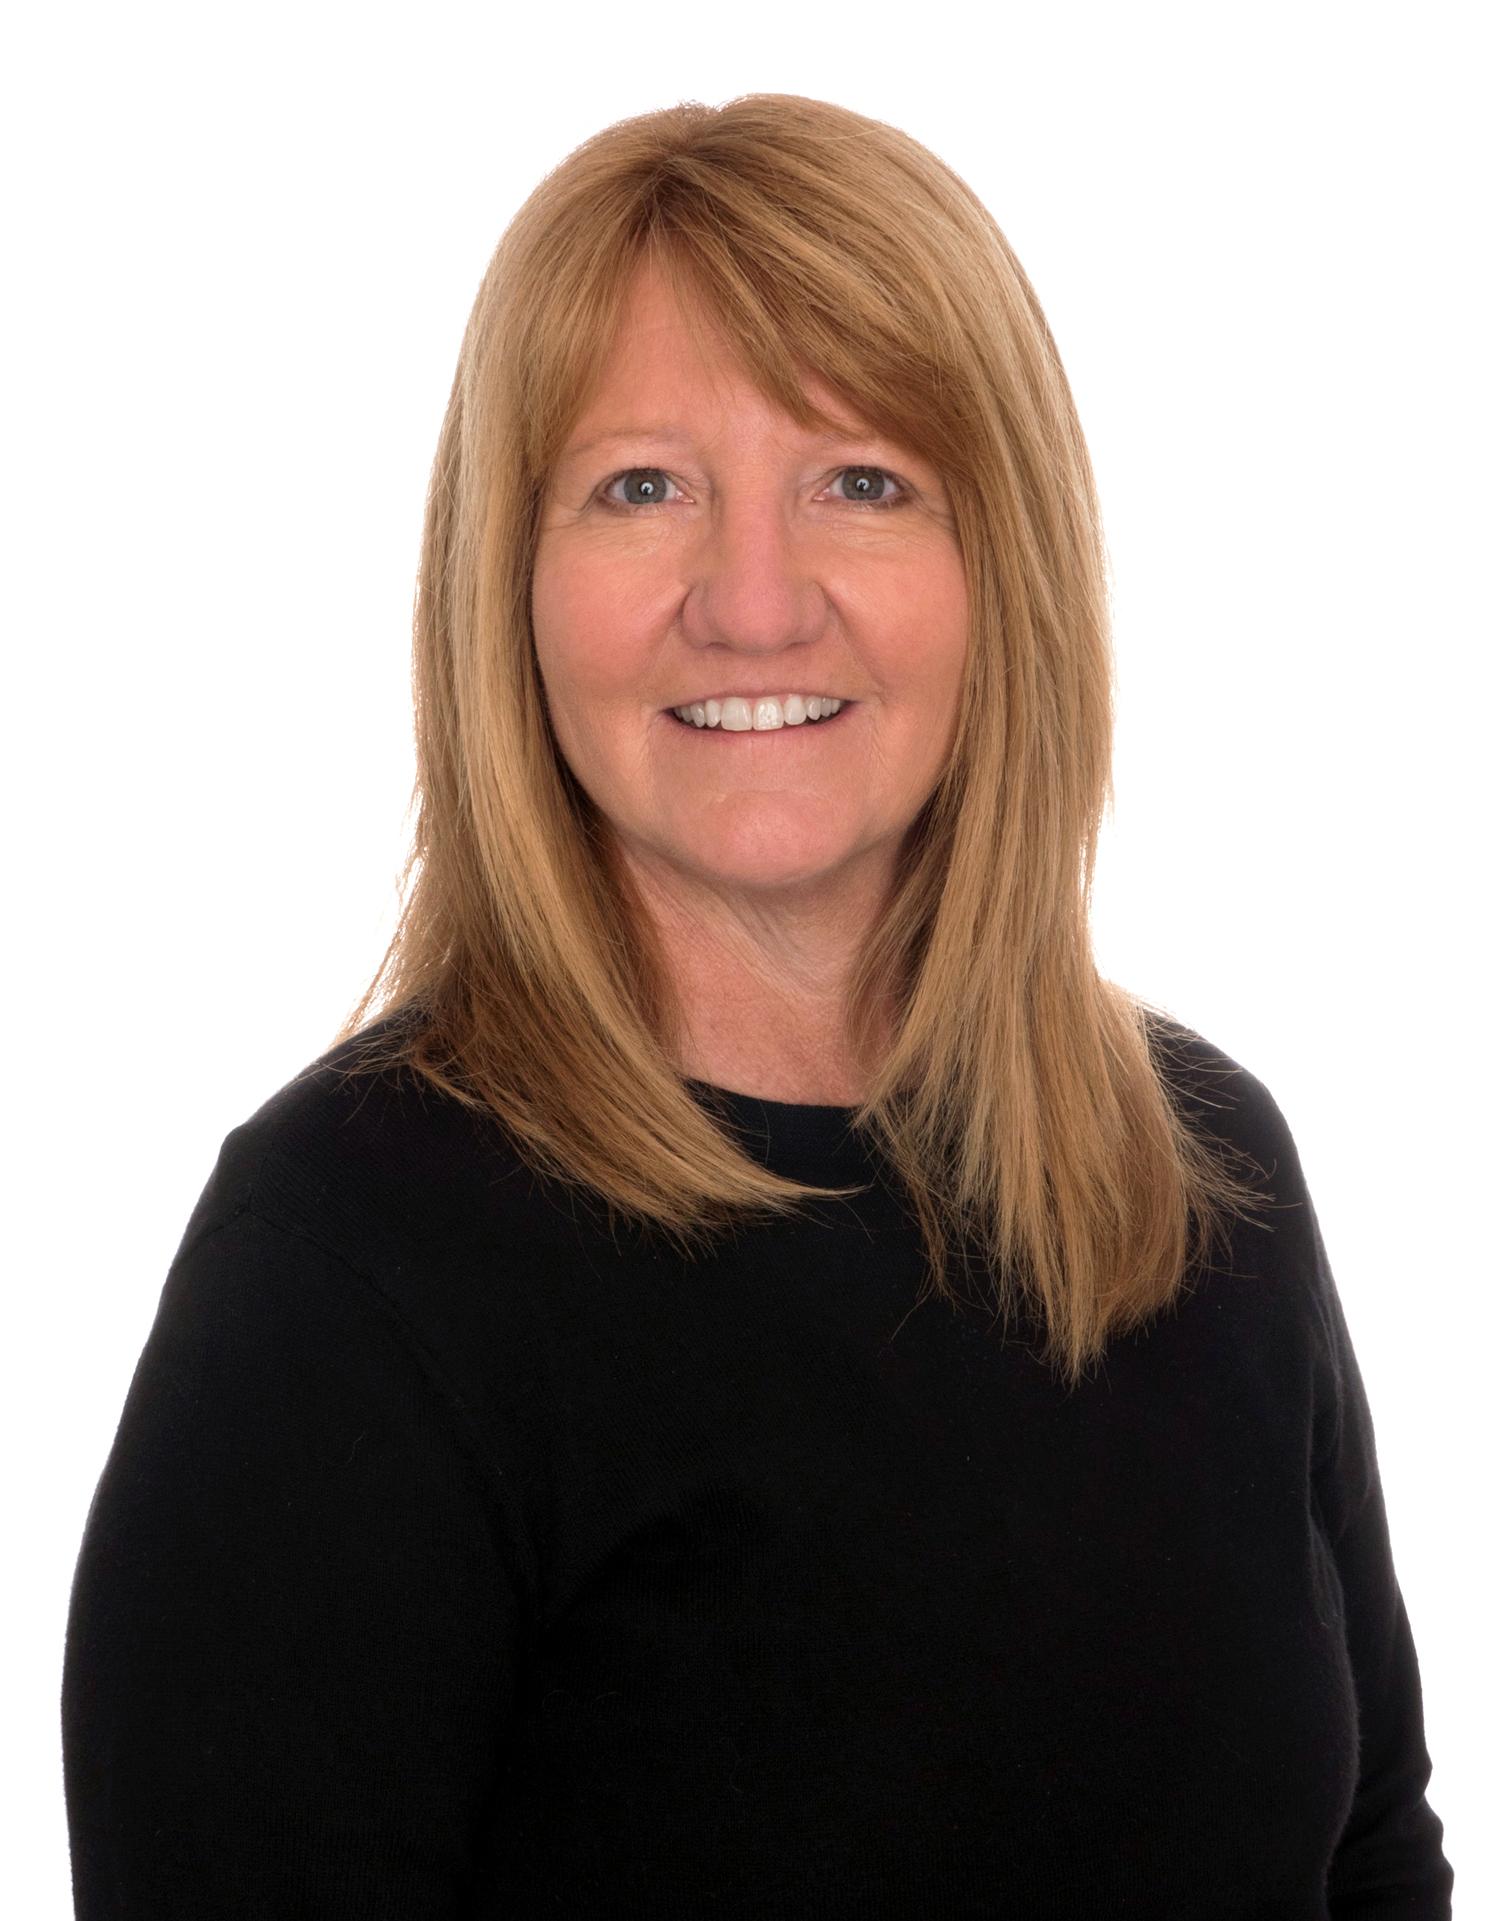 Janet Pilcher